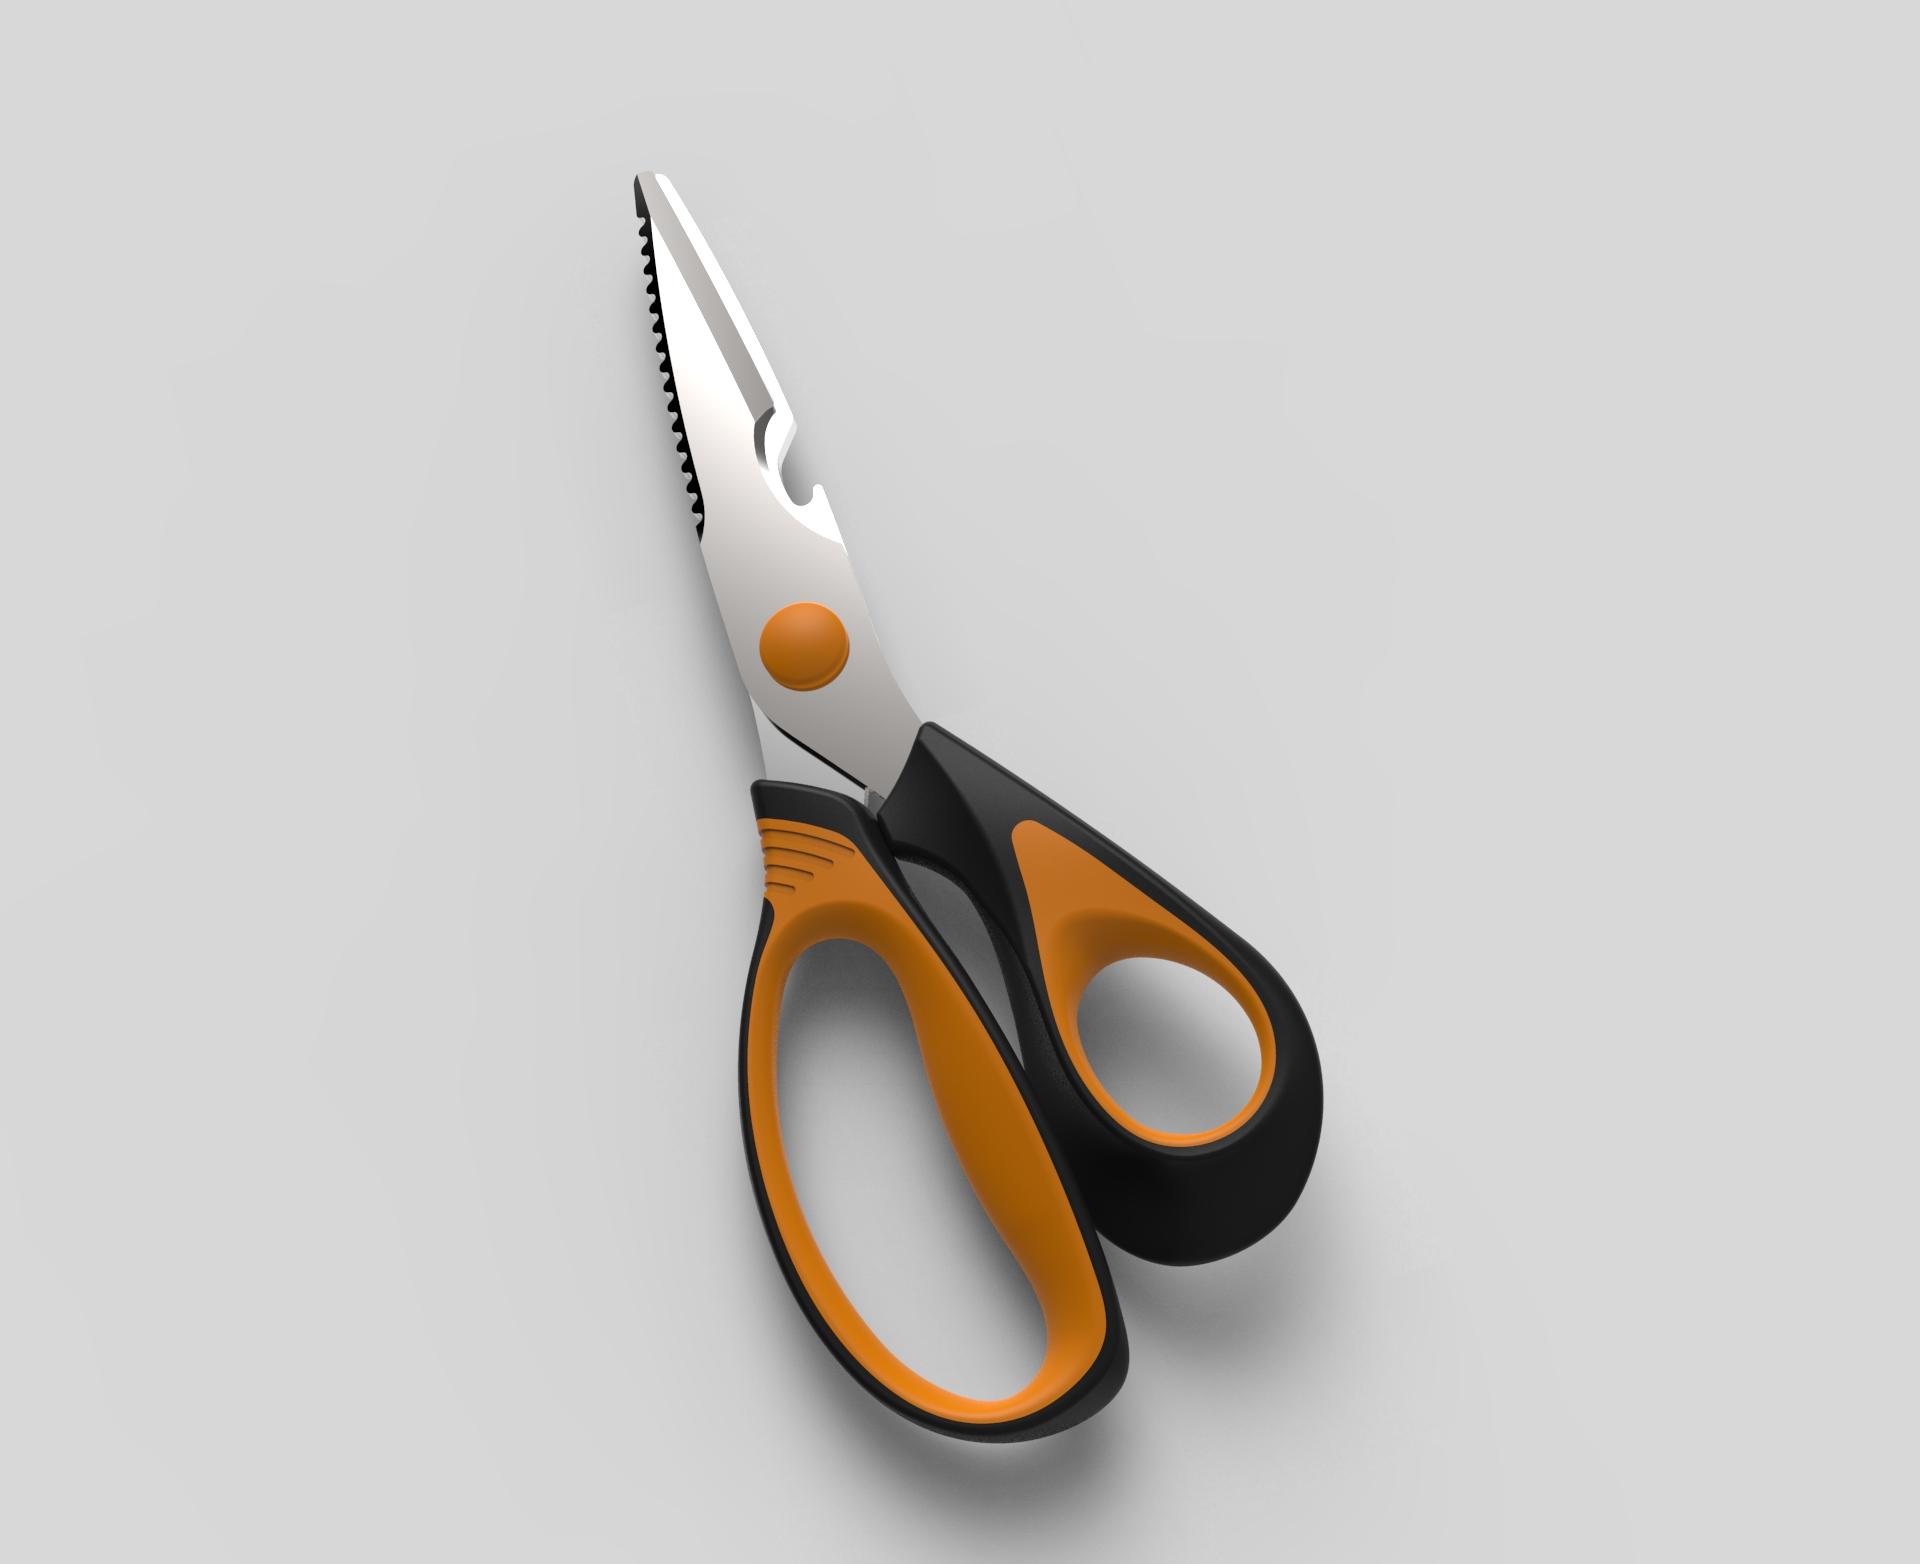 multi-function scissors -1